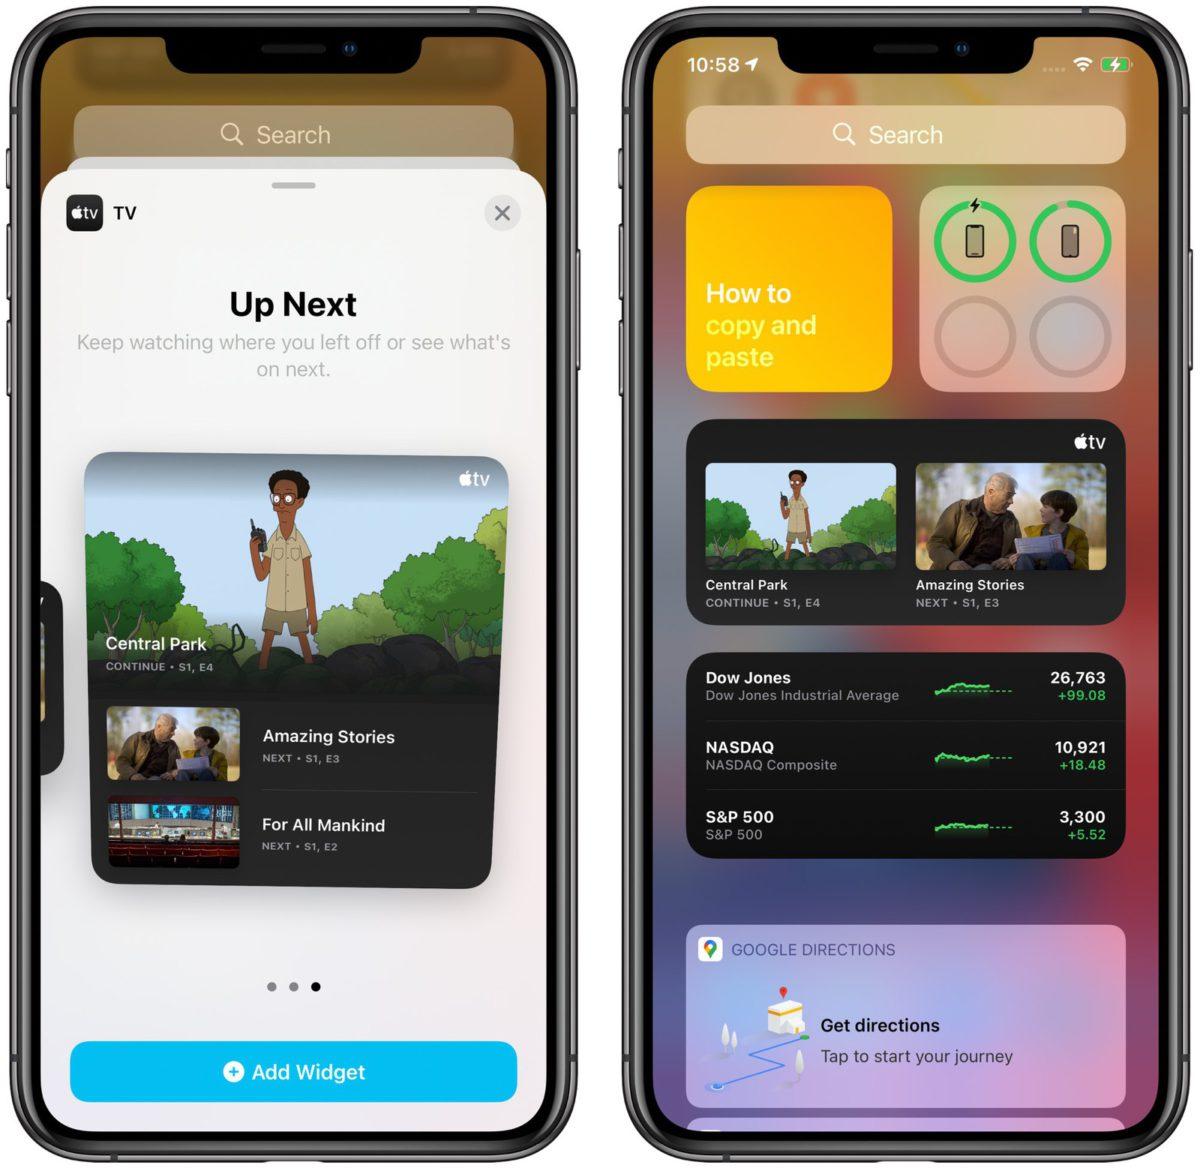 新的 Apple TV Widget 顯示正在追看和推介劇集。